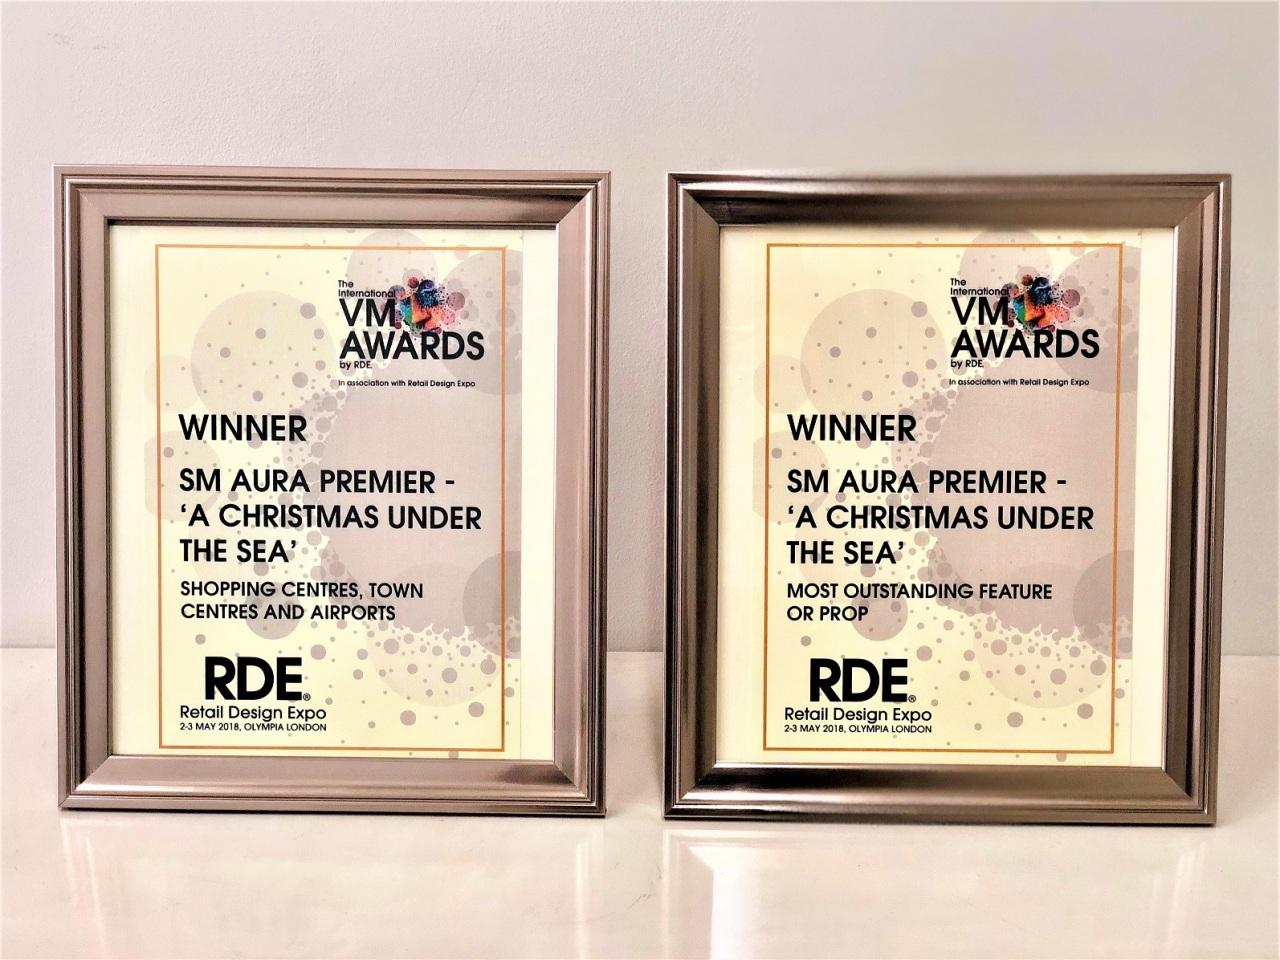 Photo 1 - VM Awards